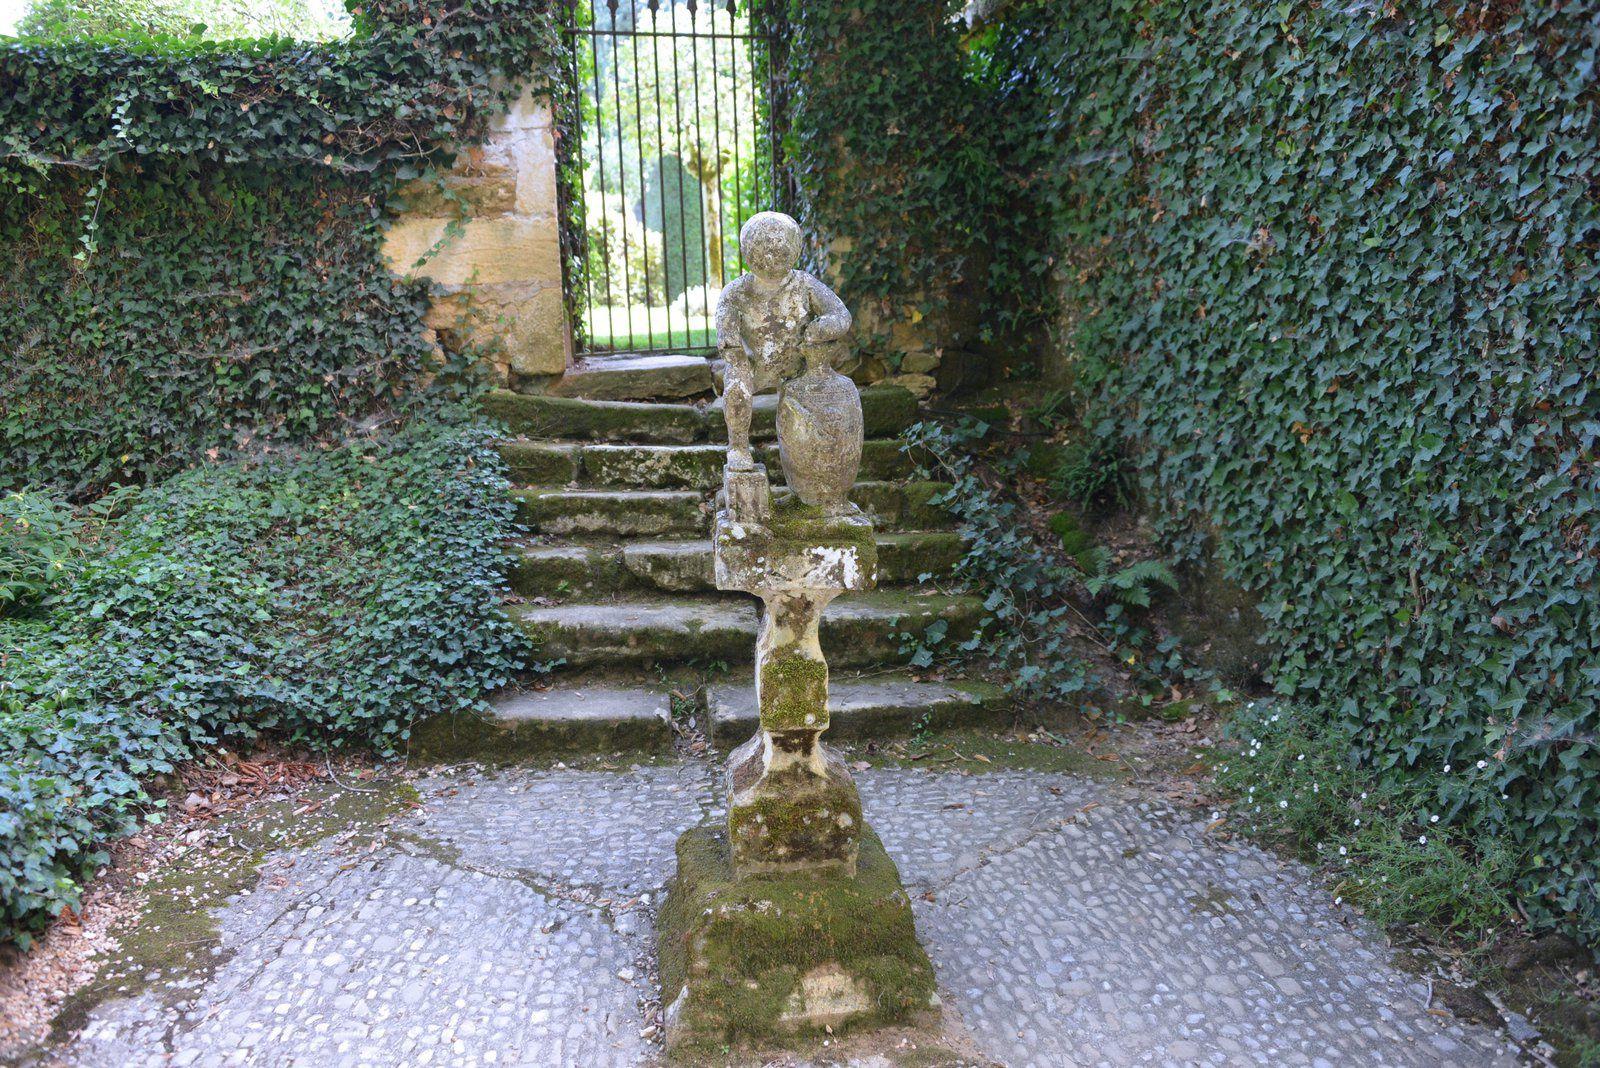 Le 29 juillet : Les jardins du Manoir d'Eyrignac entre Sarlat et Lascaut.